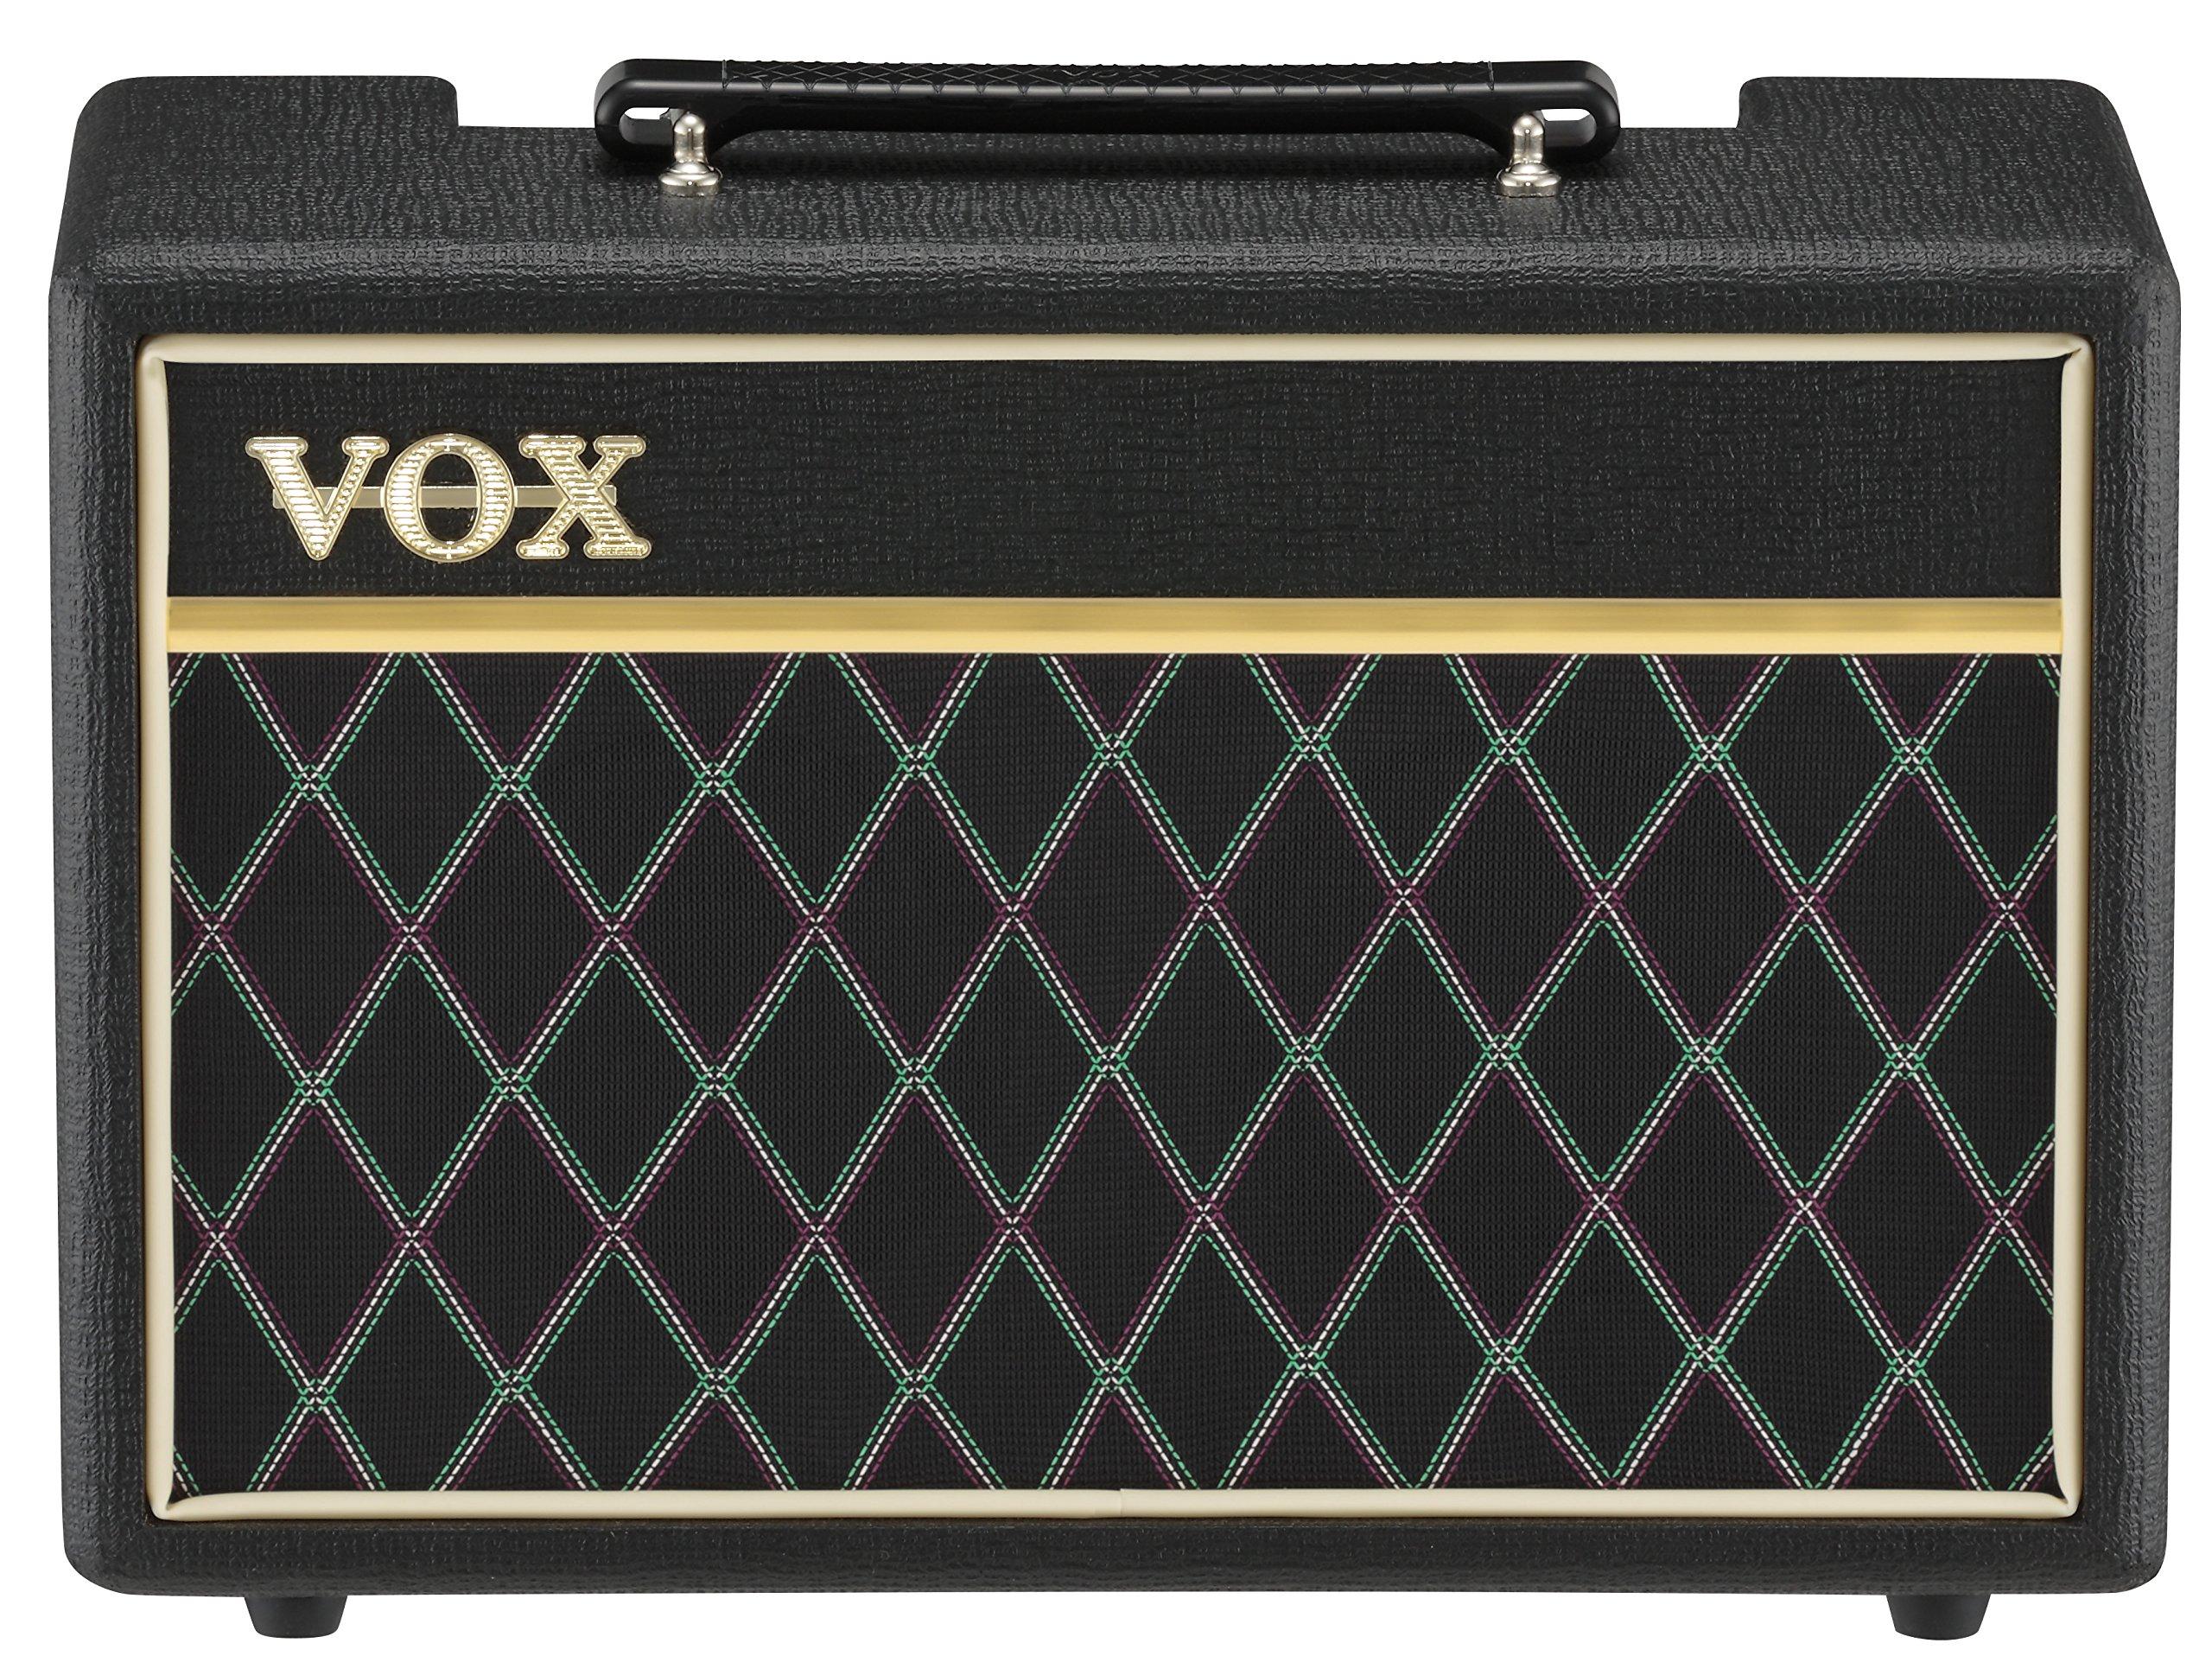 vox pathfinder 10w bass combo amp guitar affinity. Black Bedroom Furniture Sets. Home Design Ideas